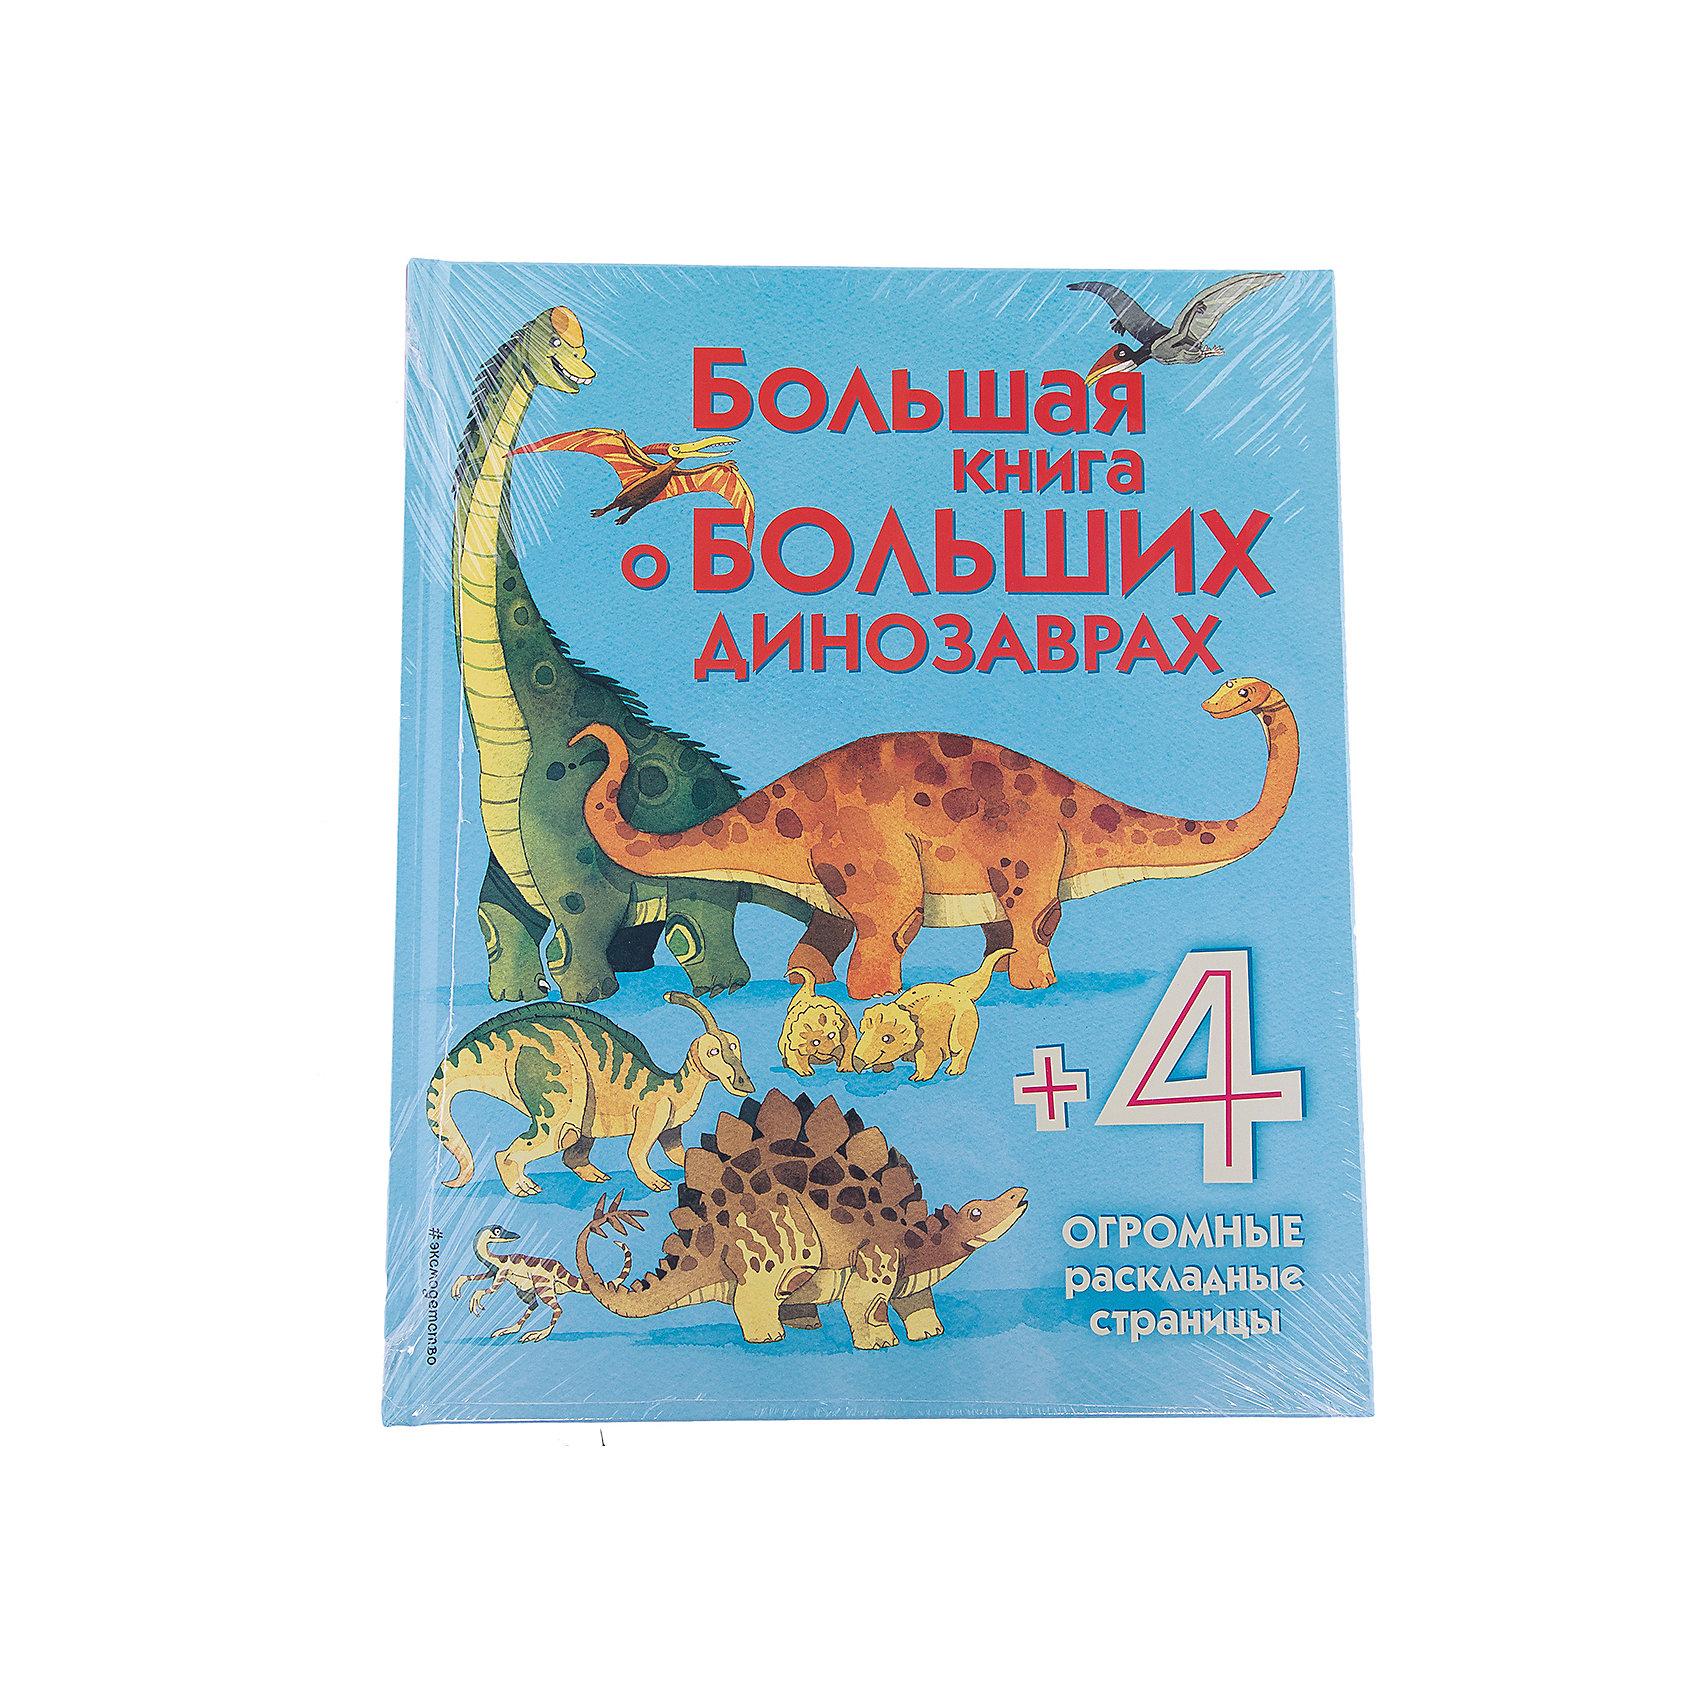 Большая книга о больших динозаврахДетские энциклопедии<br>Серия «Энциклопедия для малышей (с клапанами)» — замечательный подарок каждому ребенку! На огромных раскладных страницах «Большой книги о больших динозаврах» дети встретятся с доисторическими животными, обитавших на Земле миллионы лет назад. Они узнают, как выглядели ужасные ящеры, чем они питались, как оборонялись от врагов, какими были морские монстры и покорители неба.<br><br>Ширина мм: 320<br>Глубина мм: 250<br>Высота мм: 10<br>Вес г: 407<br>Возраст от месяцев: 48<br>Возраст до месяцев: 72<br>Пол: Унисекс<br>Возраст: Детский<br>SKU: 6877994